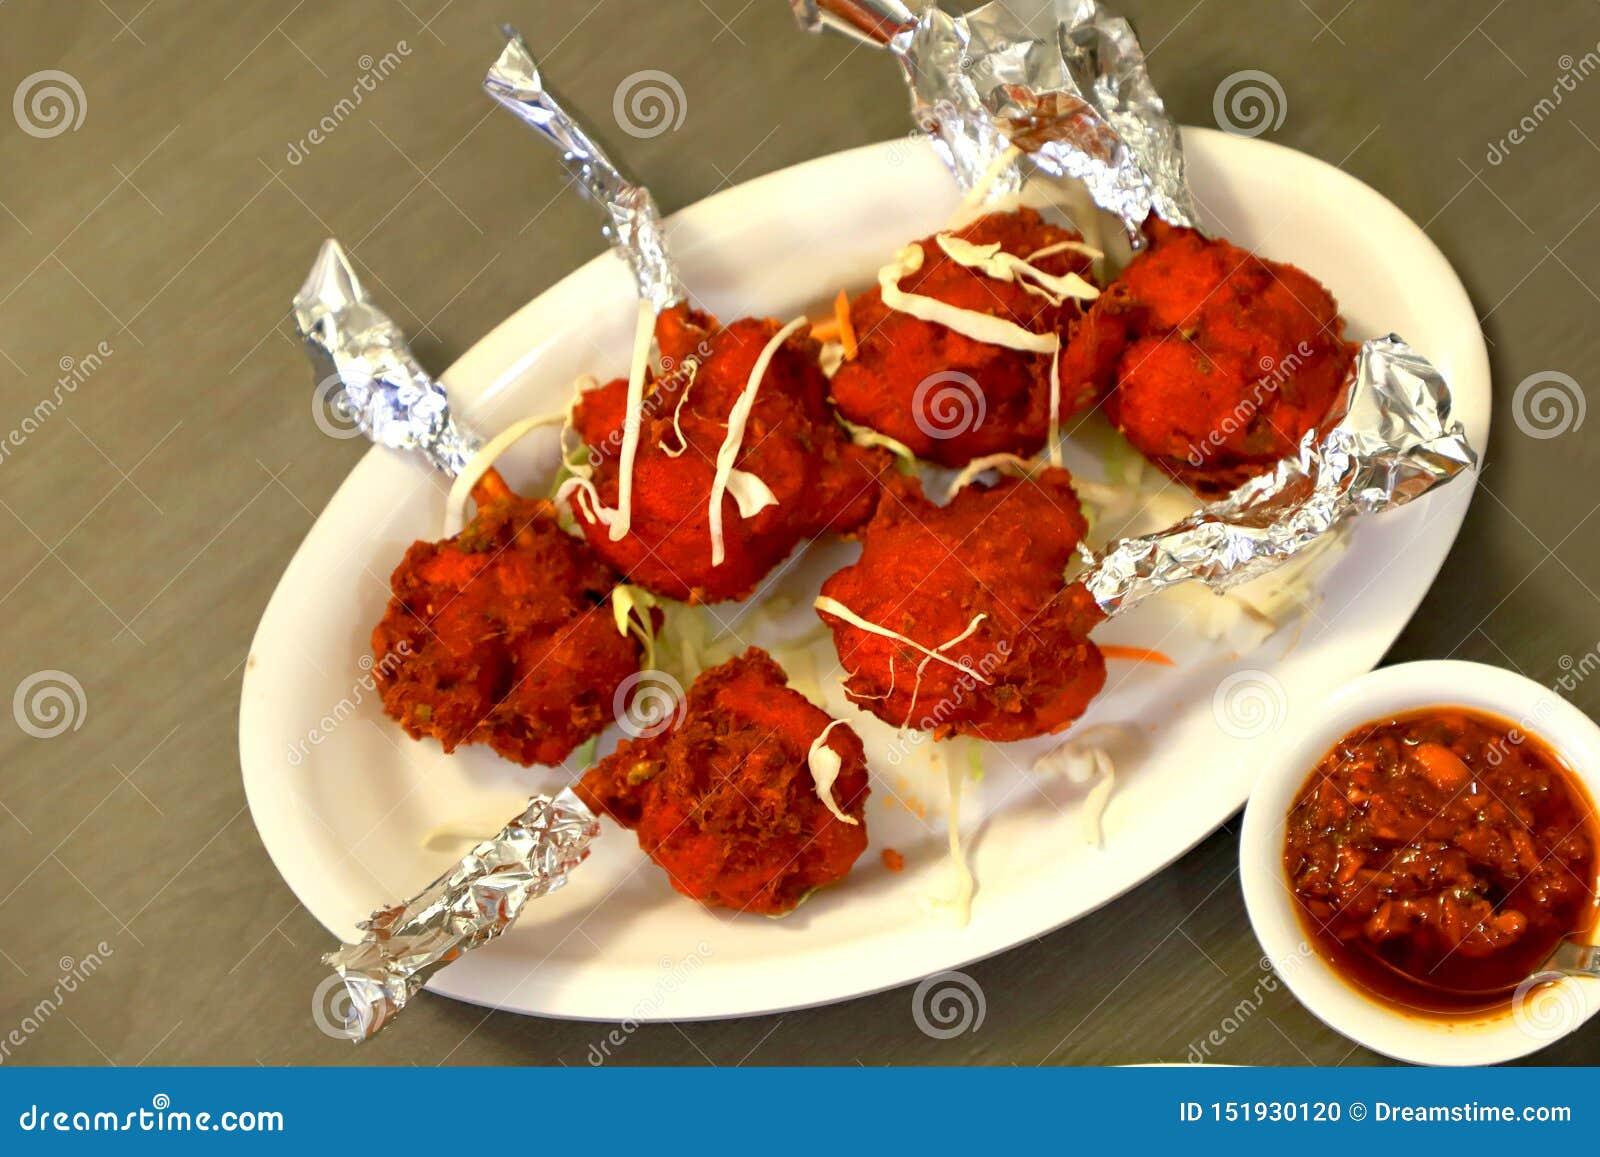 Piruleta del pollo con salsa picante schezwan